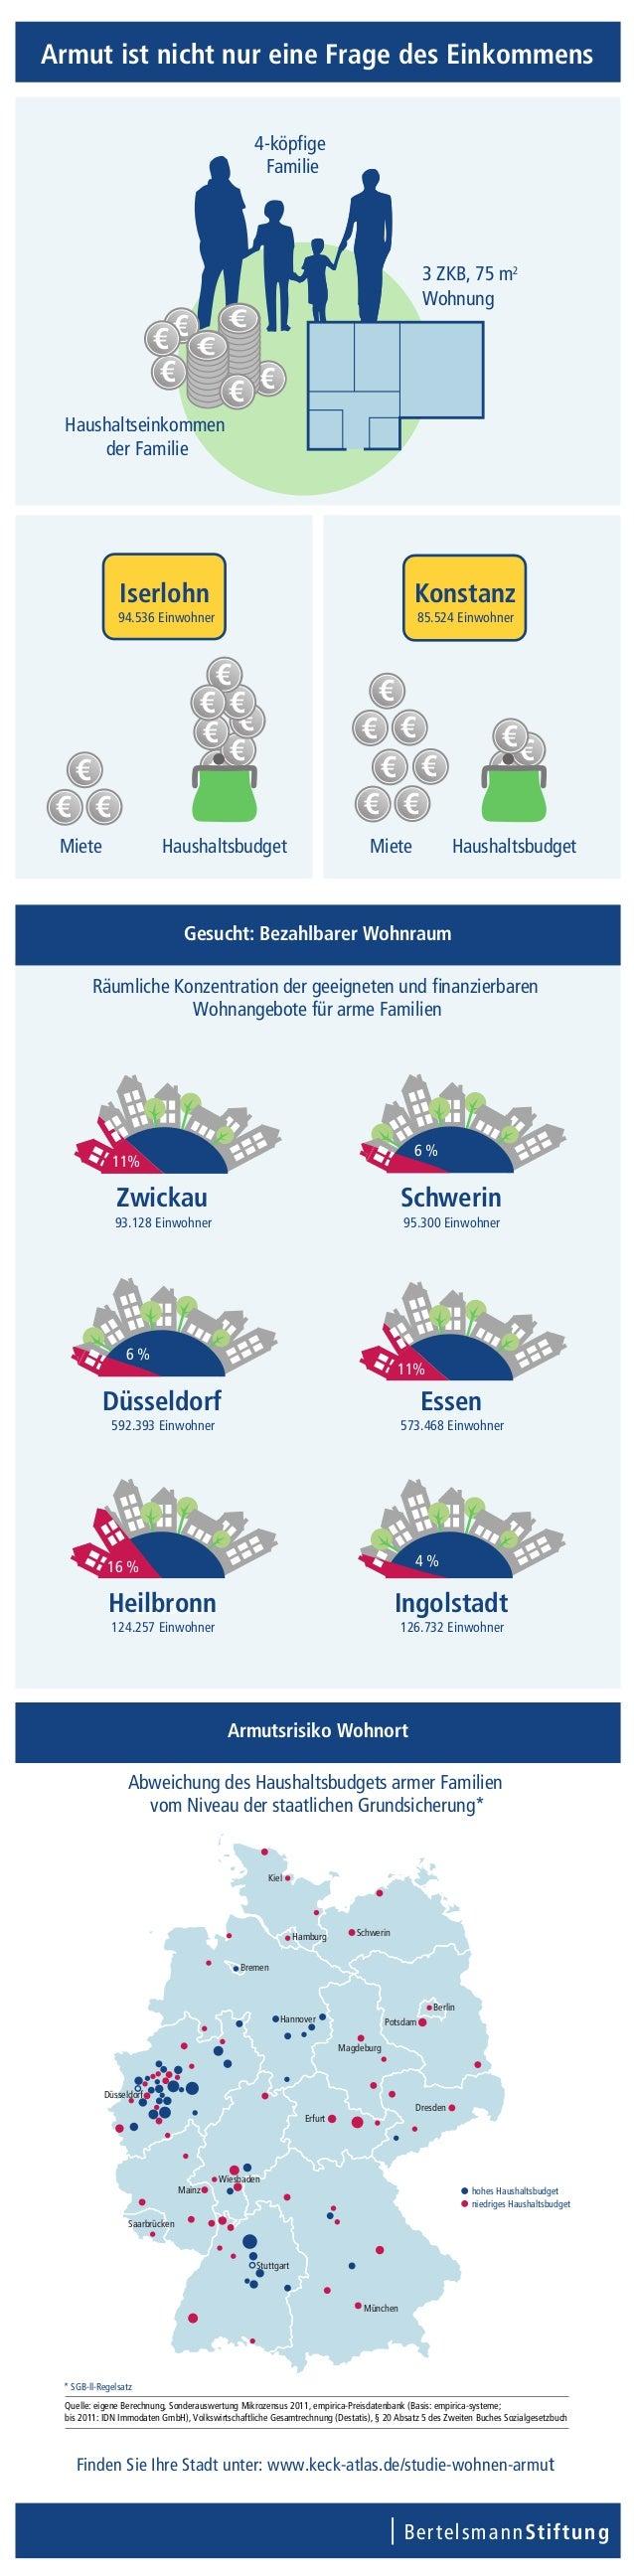 Zwickau 4-köpfige Familie Räumliche Konzentration der geeigneten und finanzierbaren Wohnangebote für arme Familien Gesucht: ...